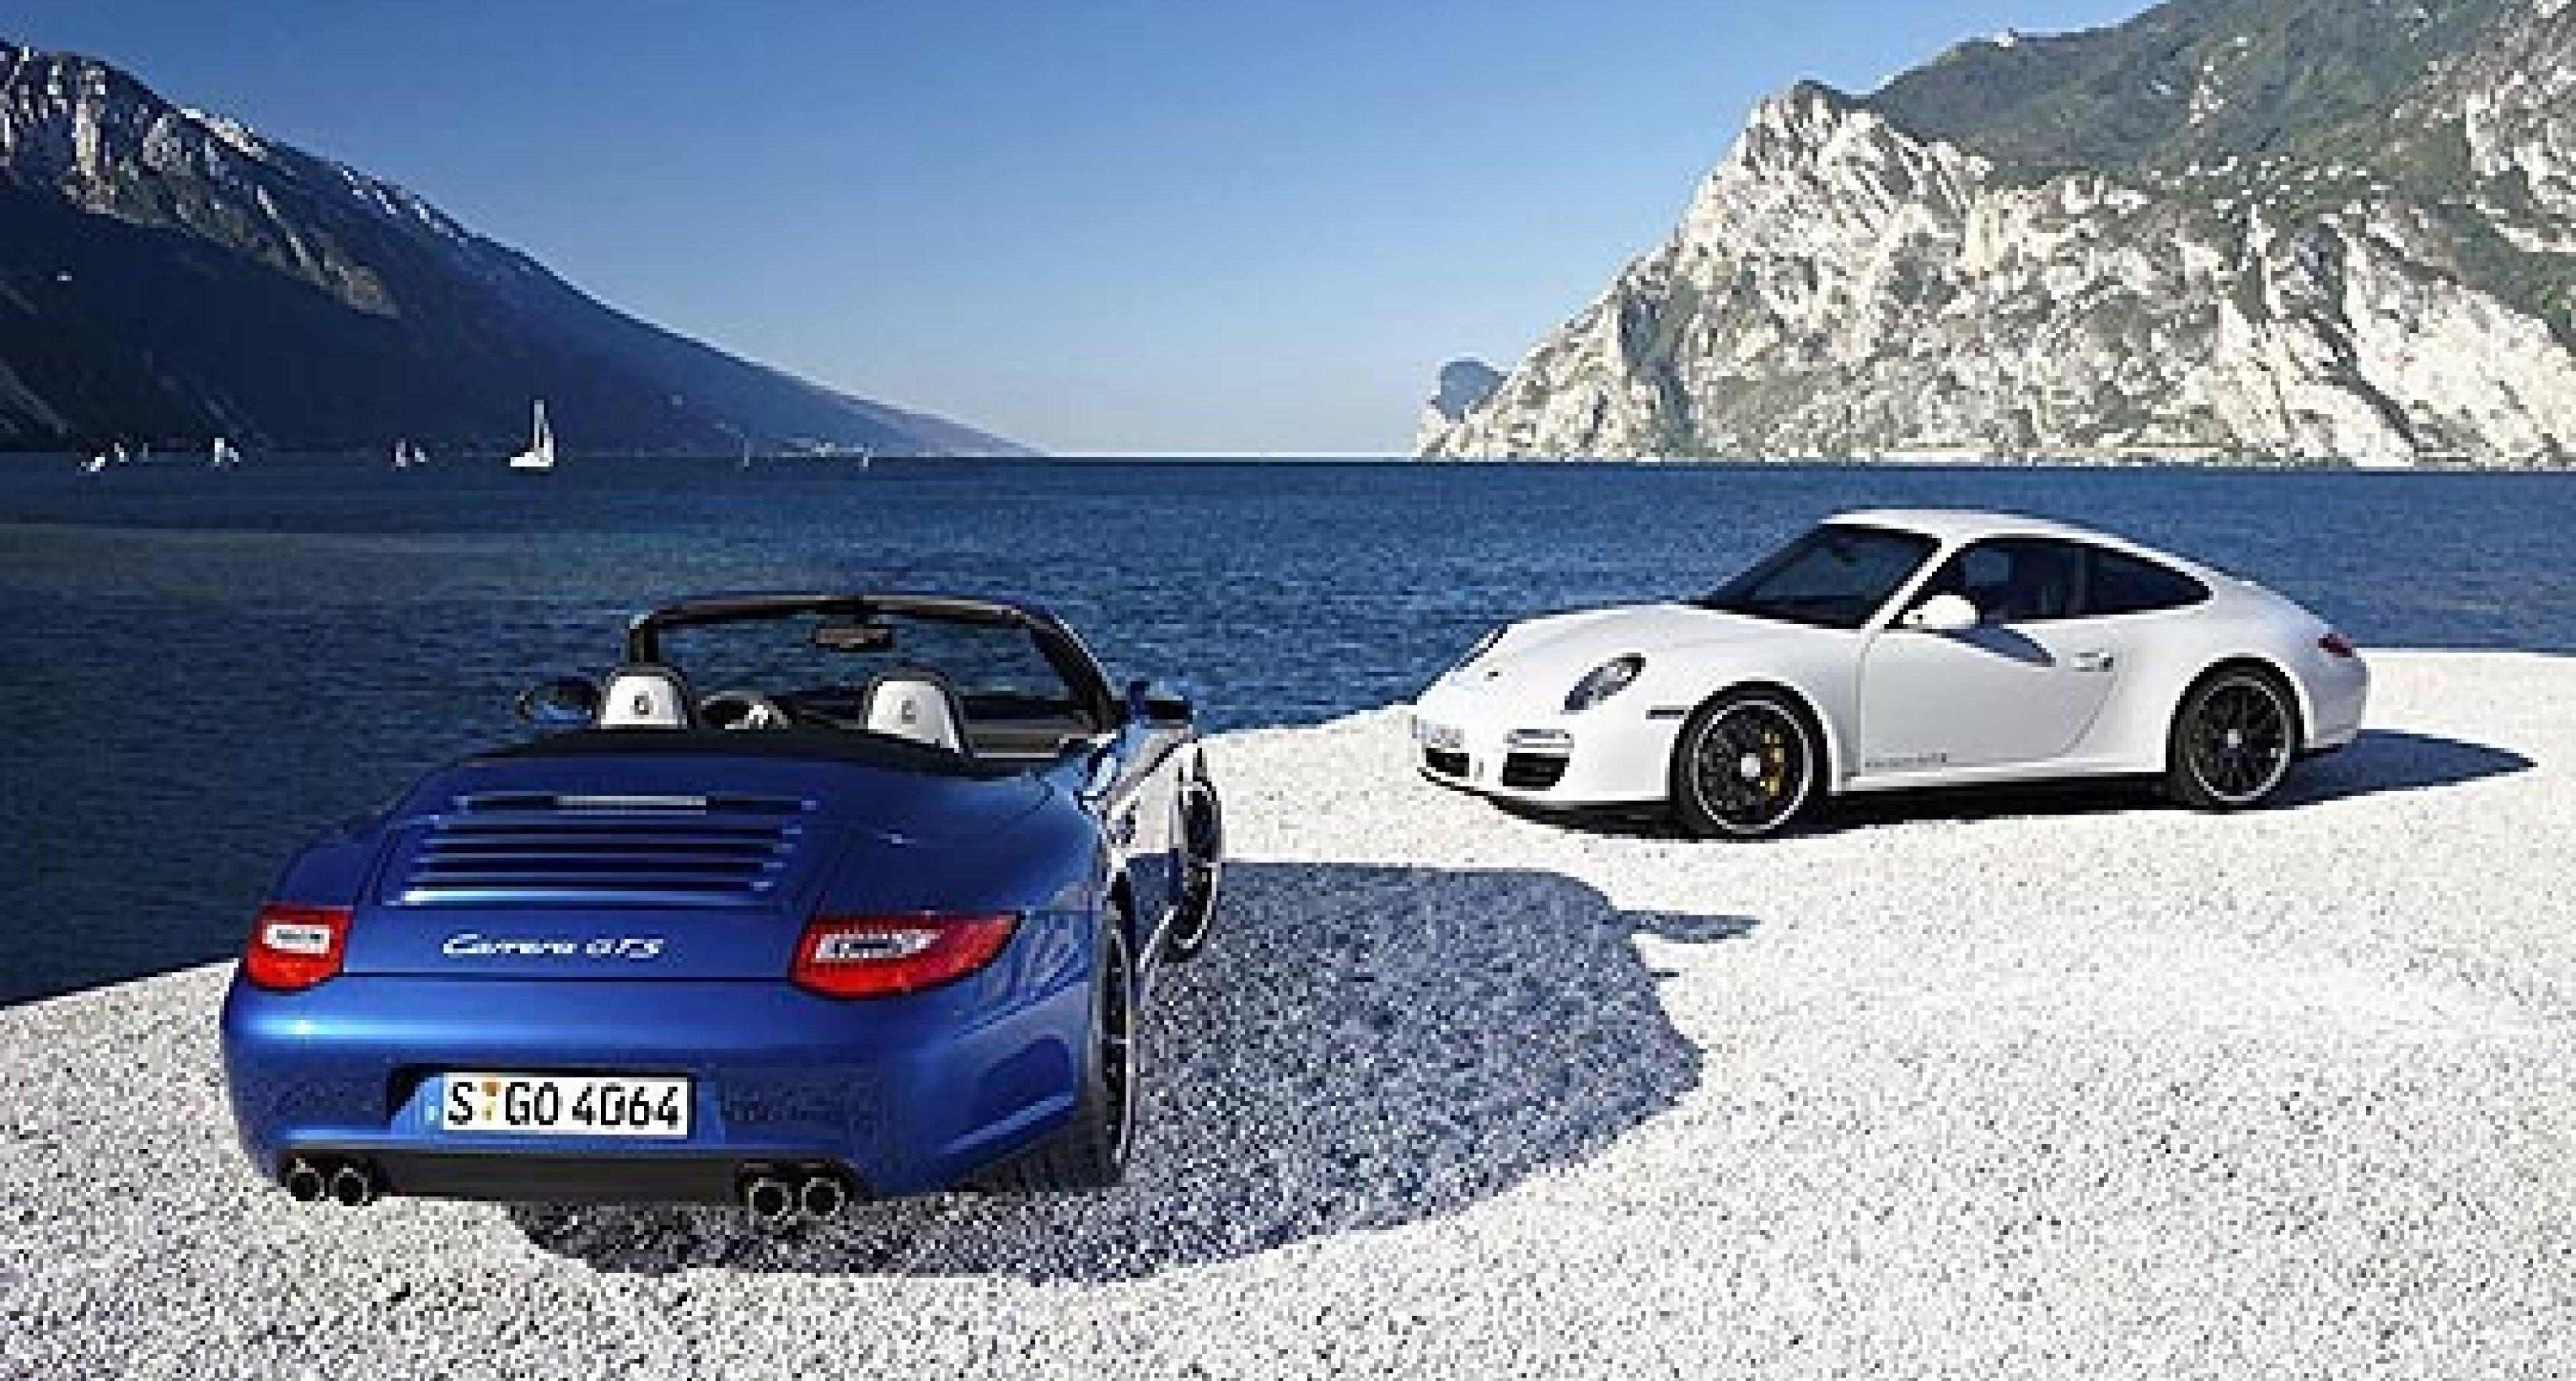 'Carrera GTS': 408HP Porsche 911 to Debut in Paris